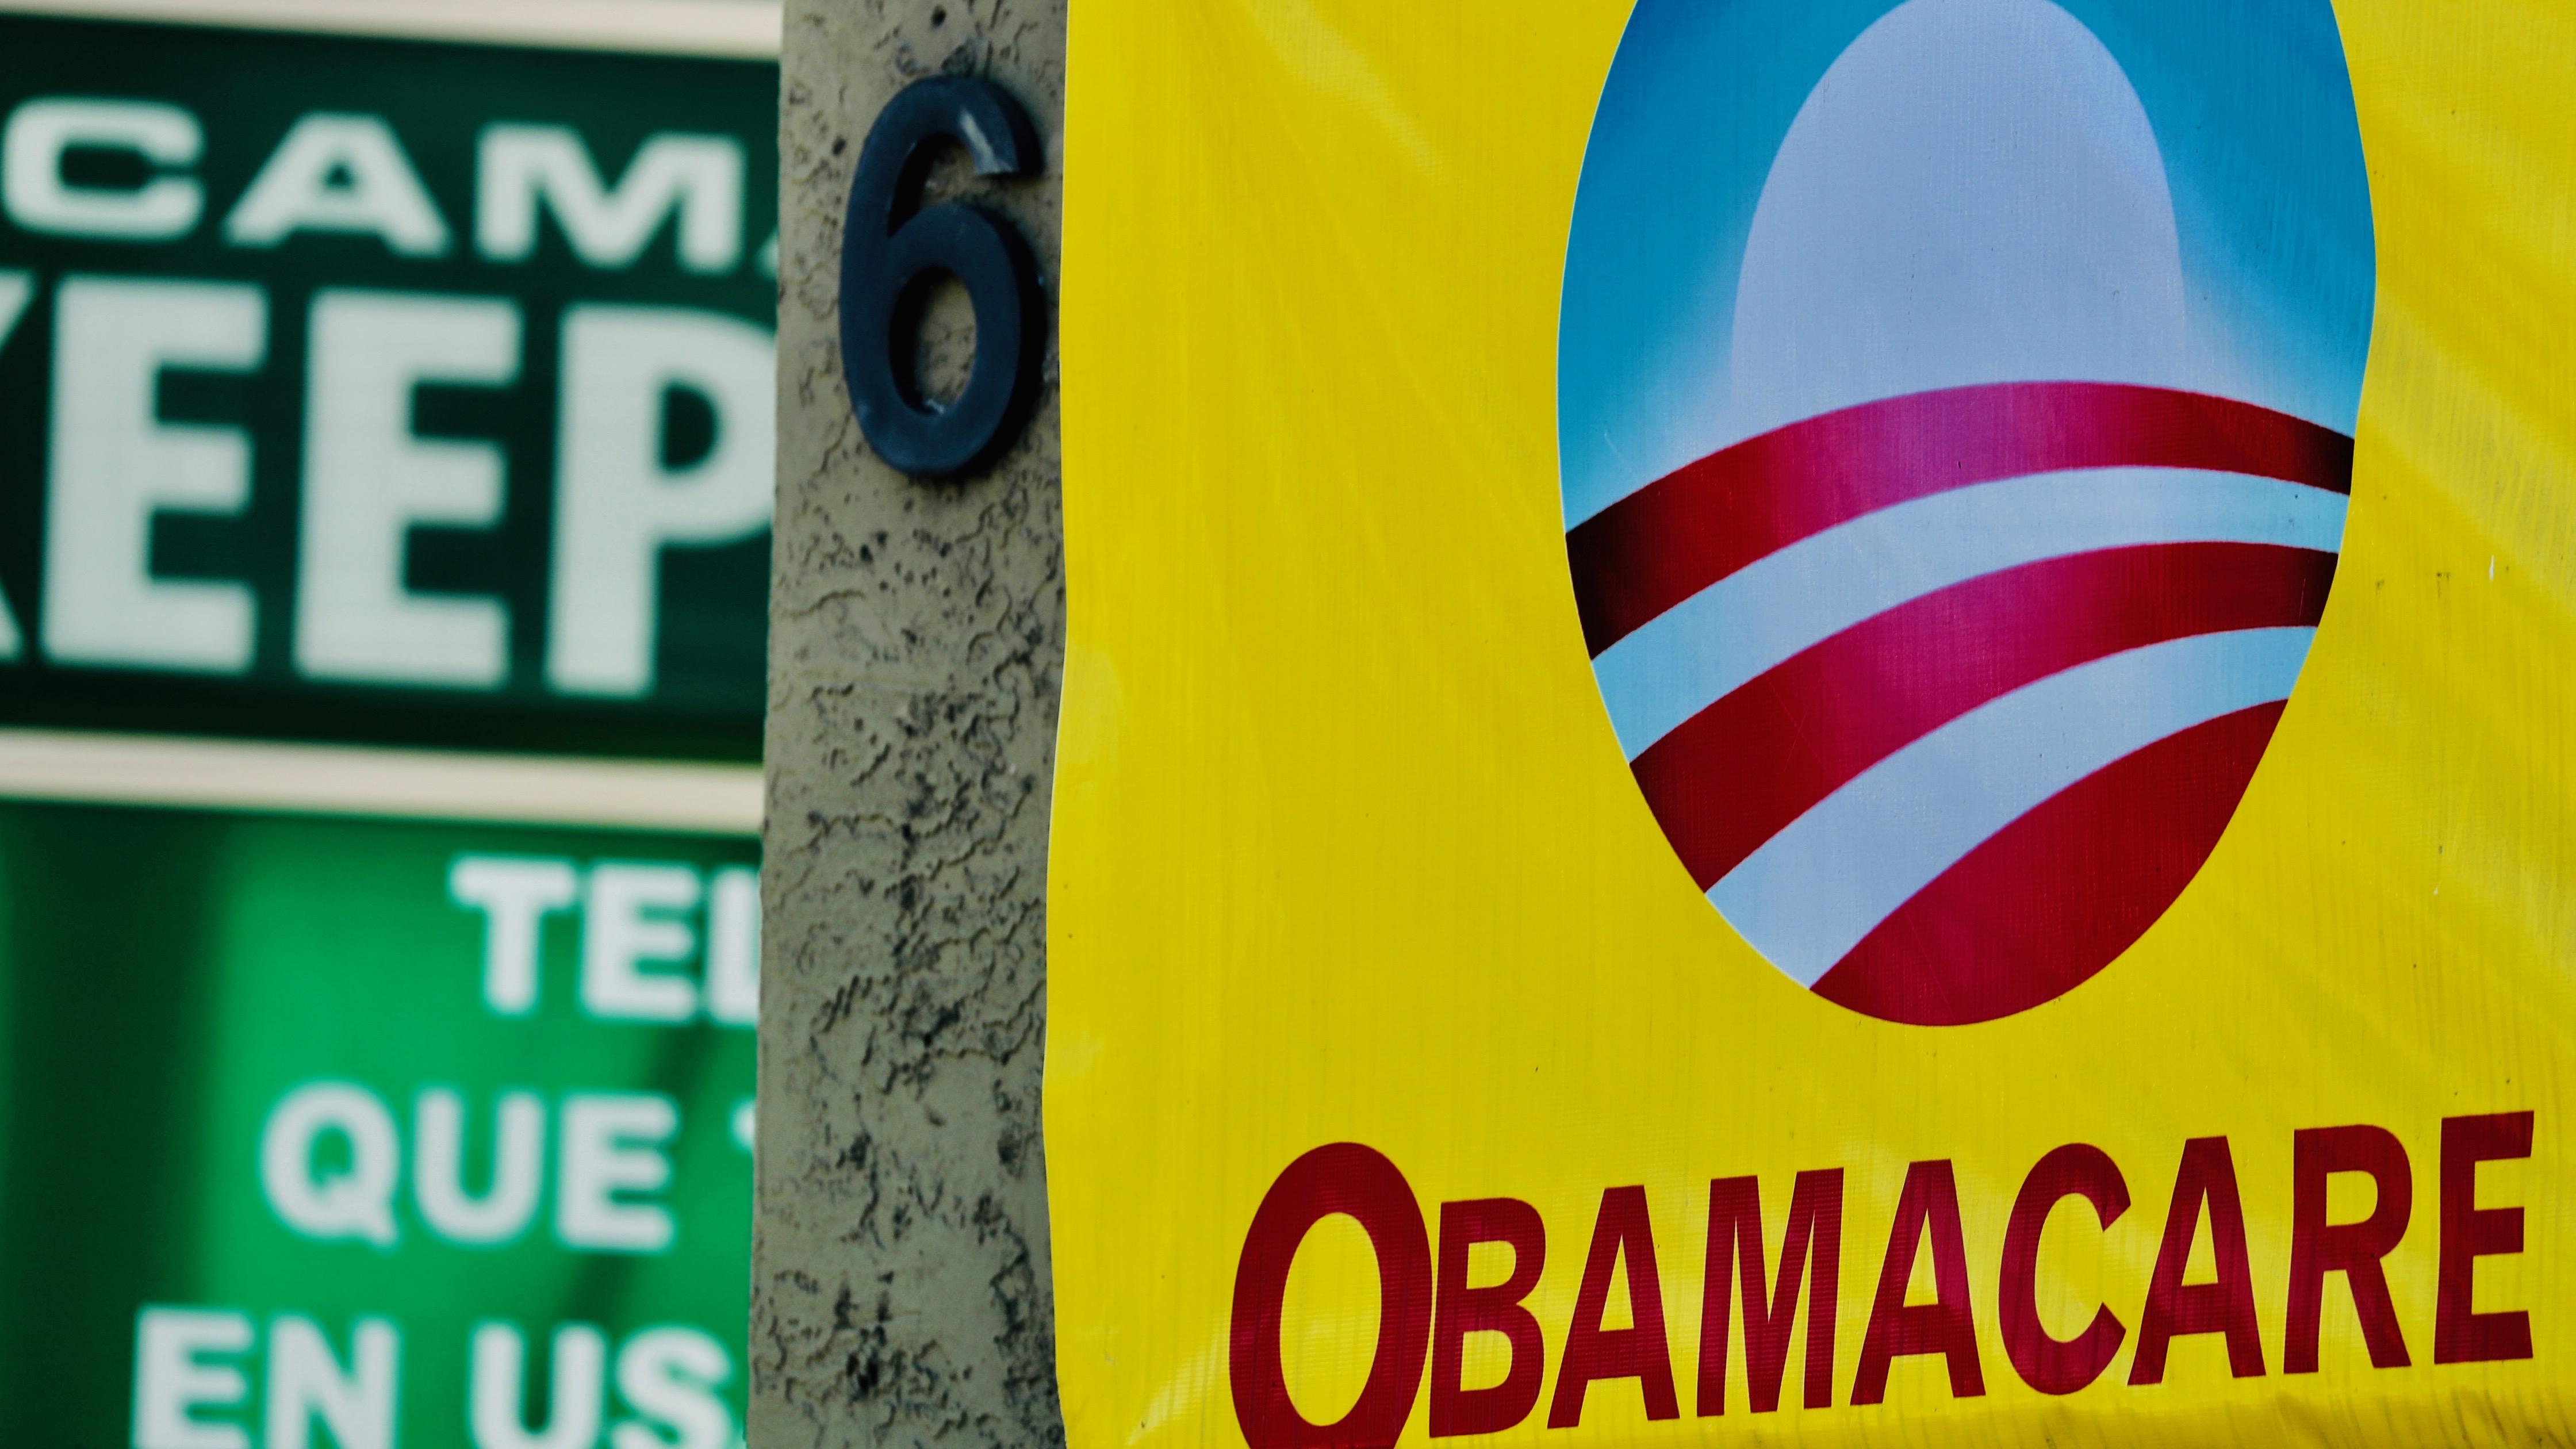 Obamacare sign.